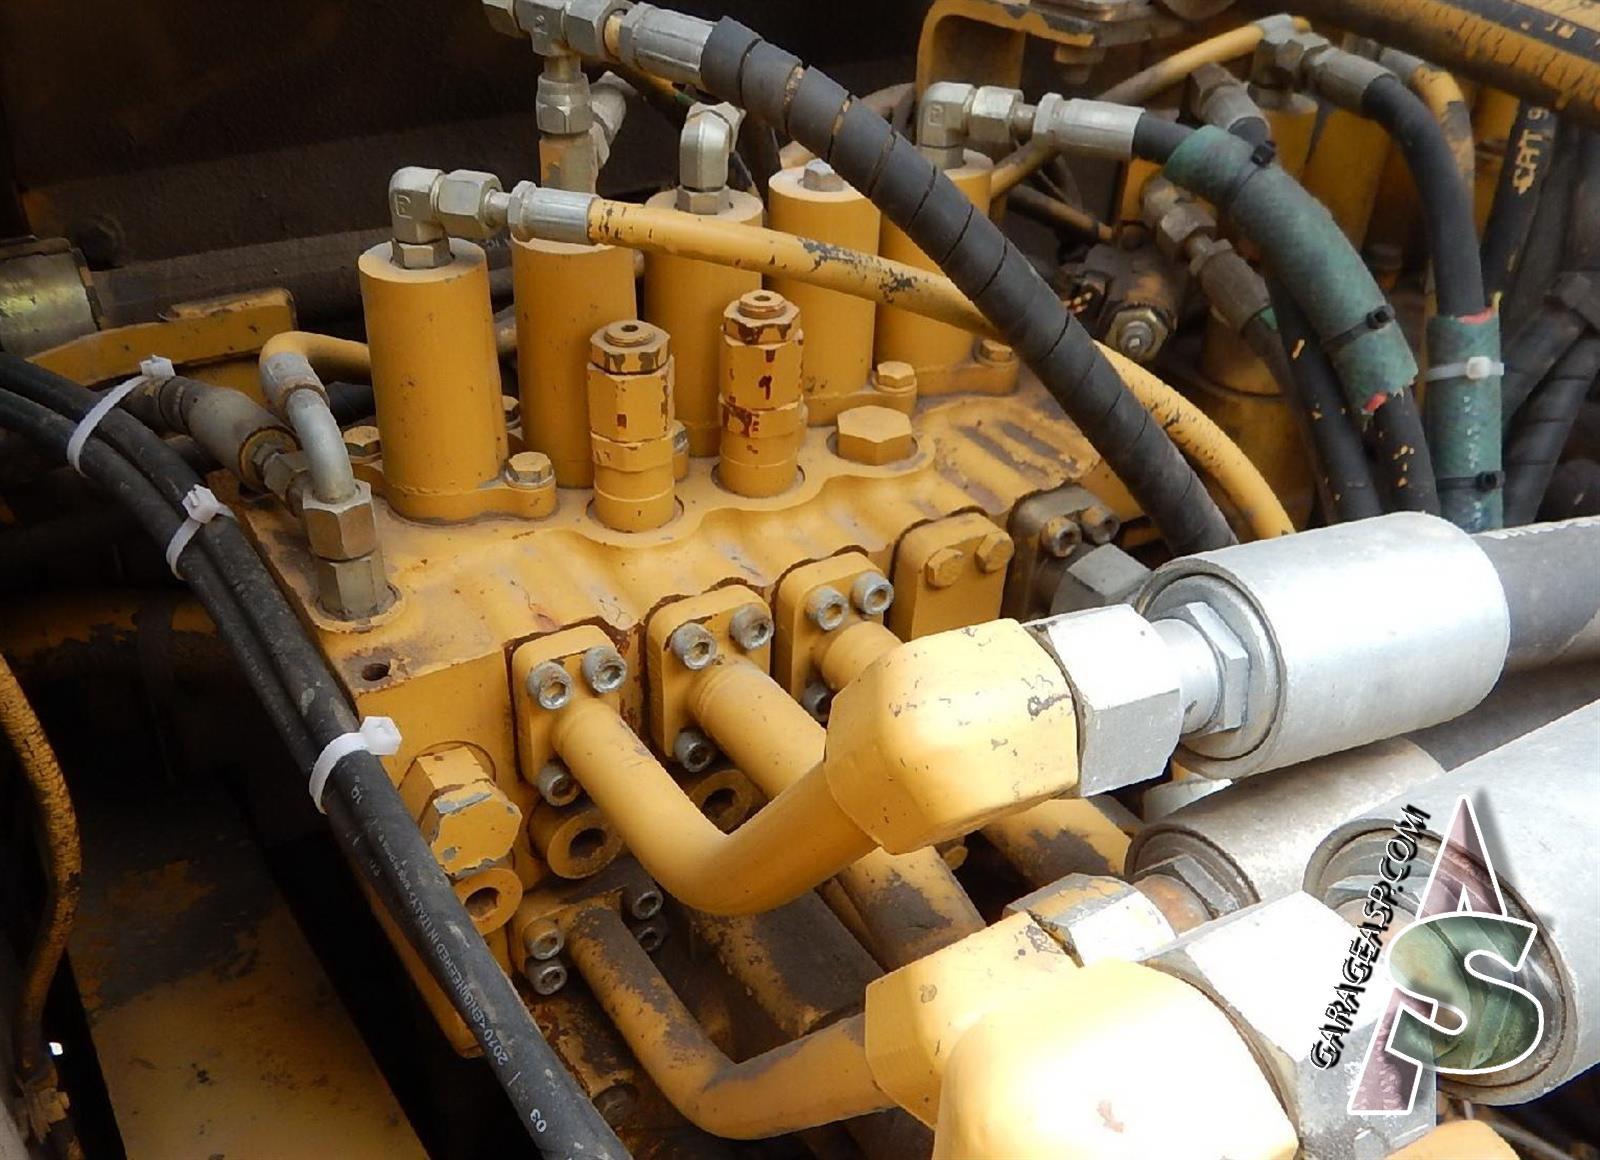 Caterpillar Control Valves Heavy Equipment Parts Cat 236 Engine Diagram 439 330c Main Valve 190 7700 6426 258 0290